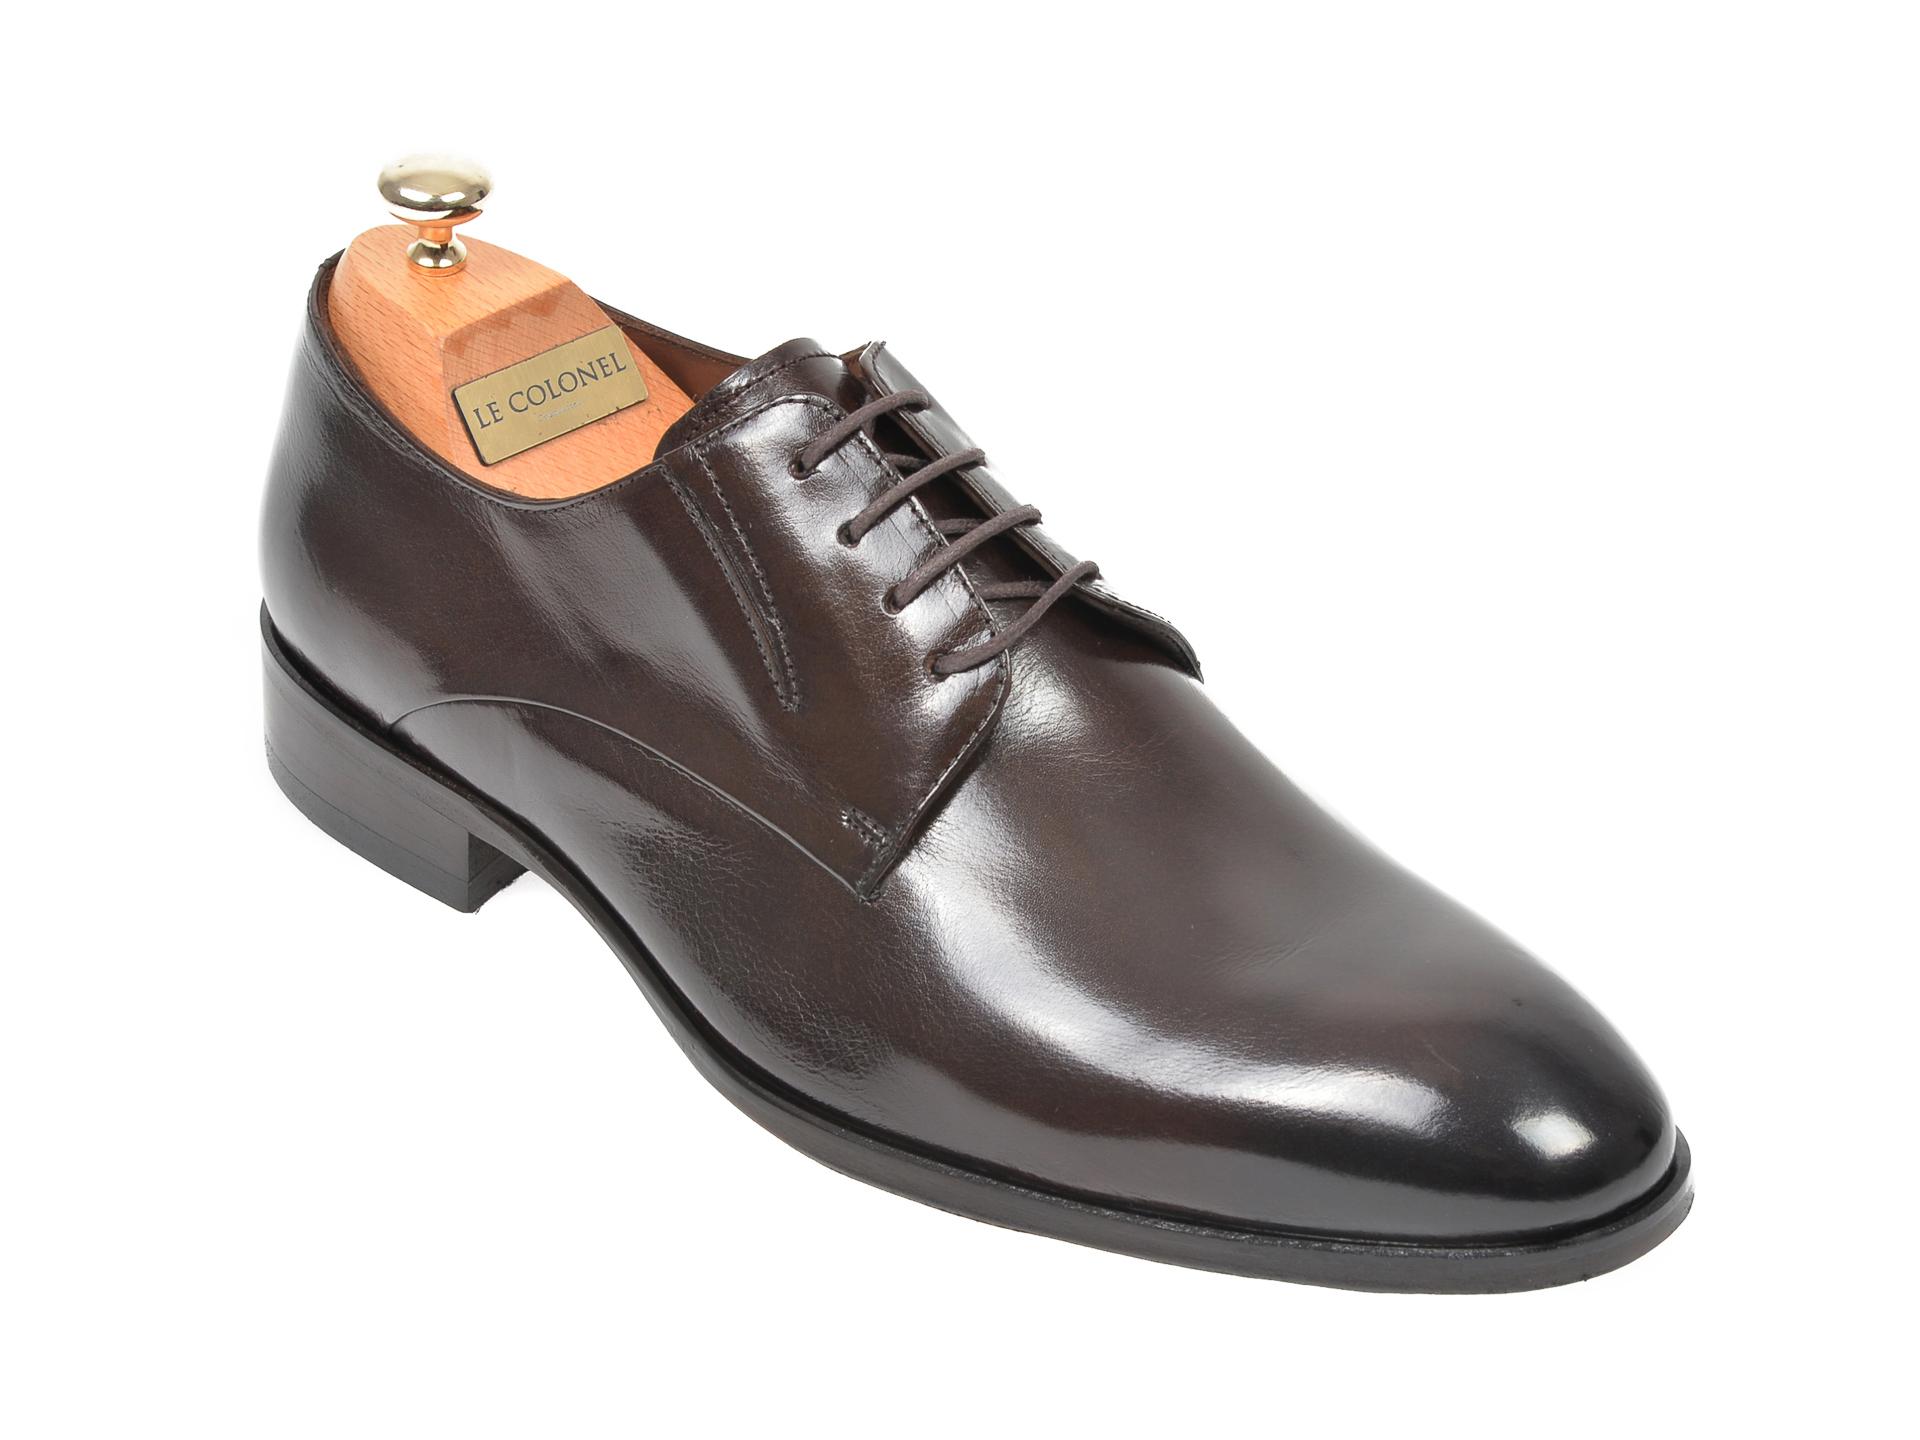 Pantofi LE COLONEL maro, 327104, din piele naturala imagine